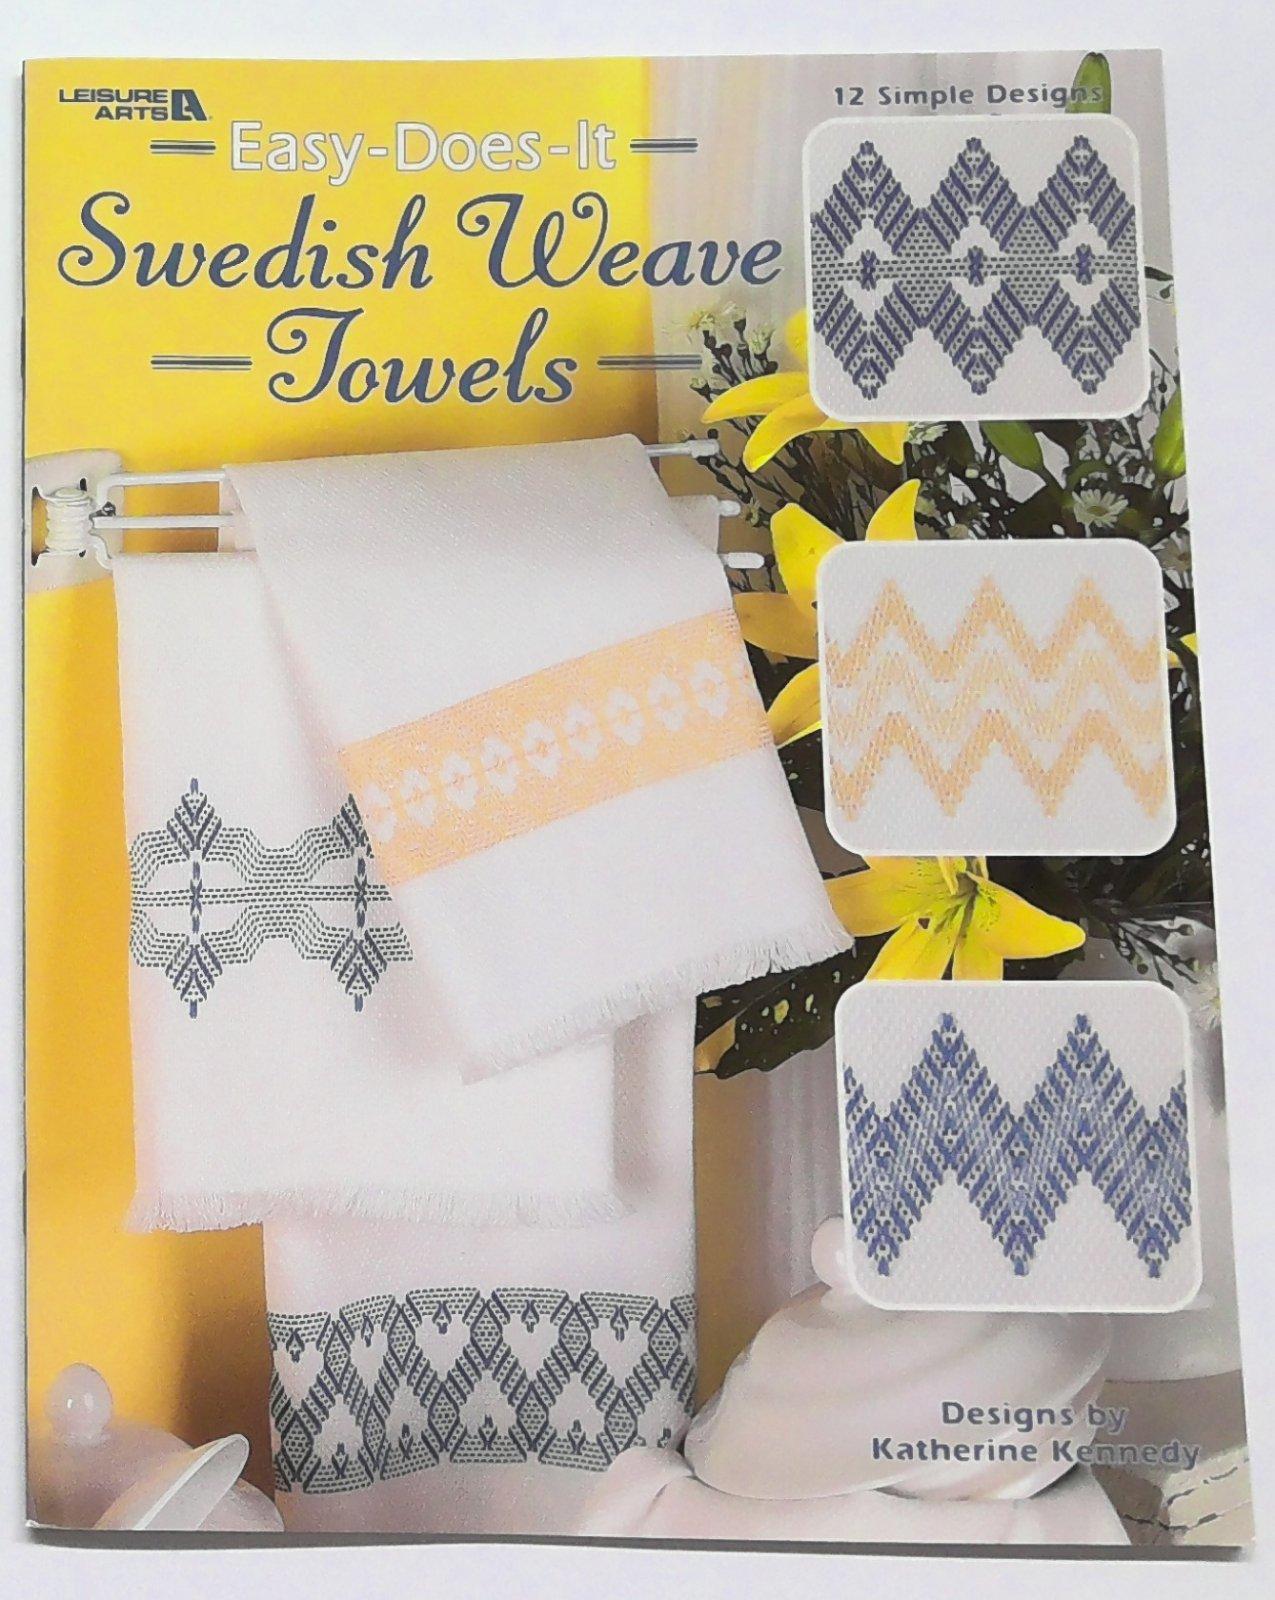 Swedish Weave Towels